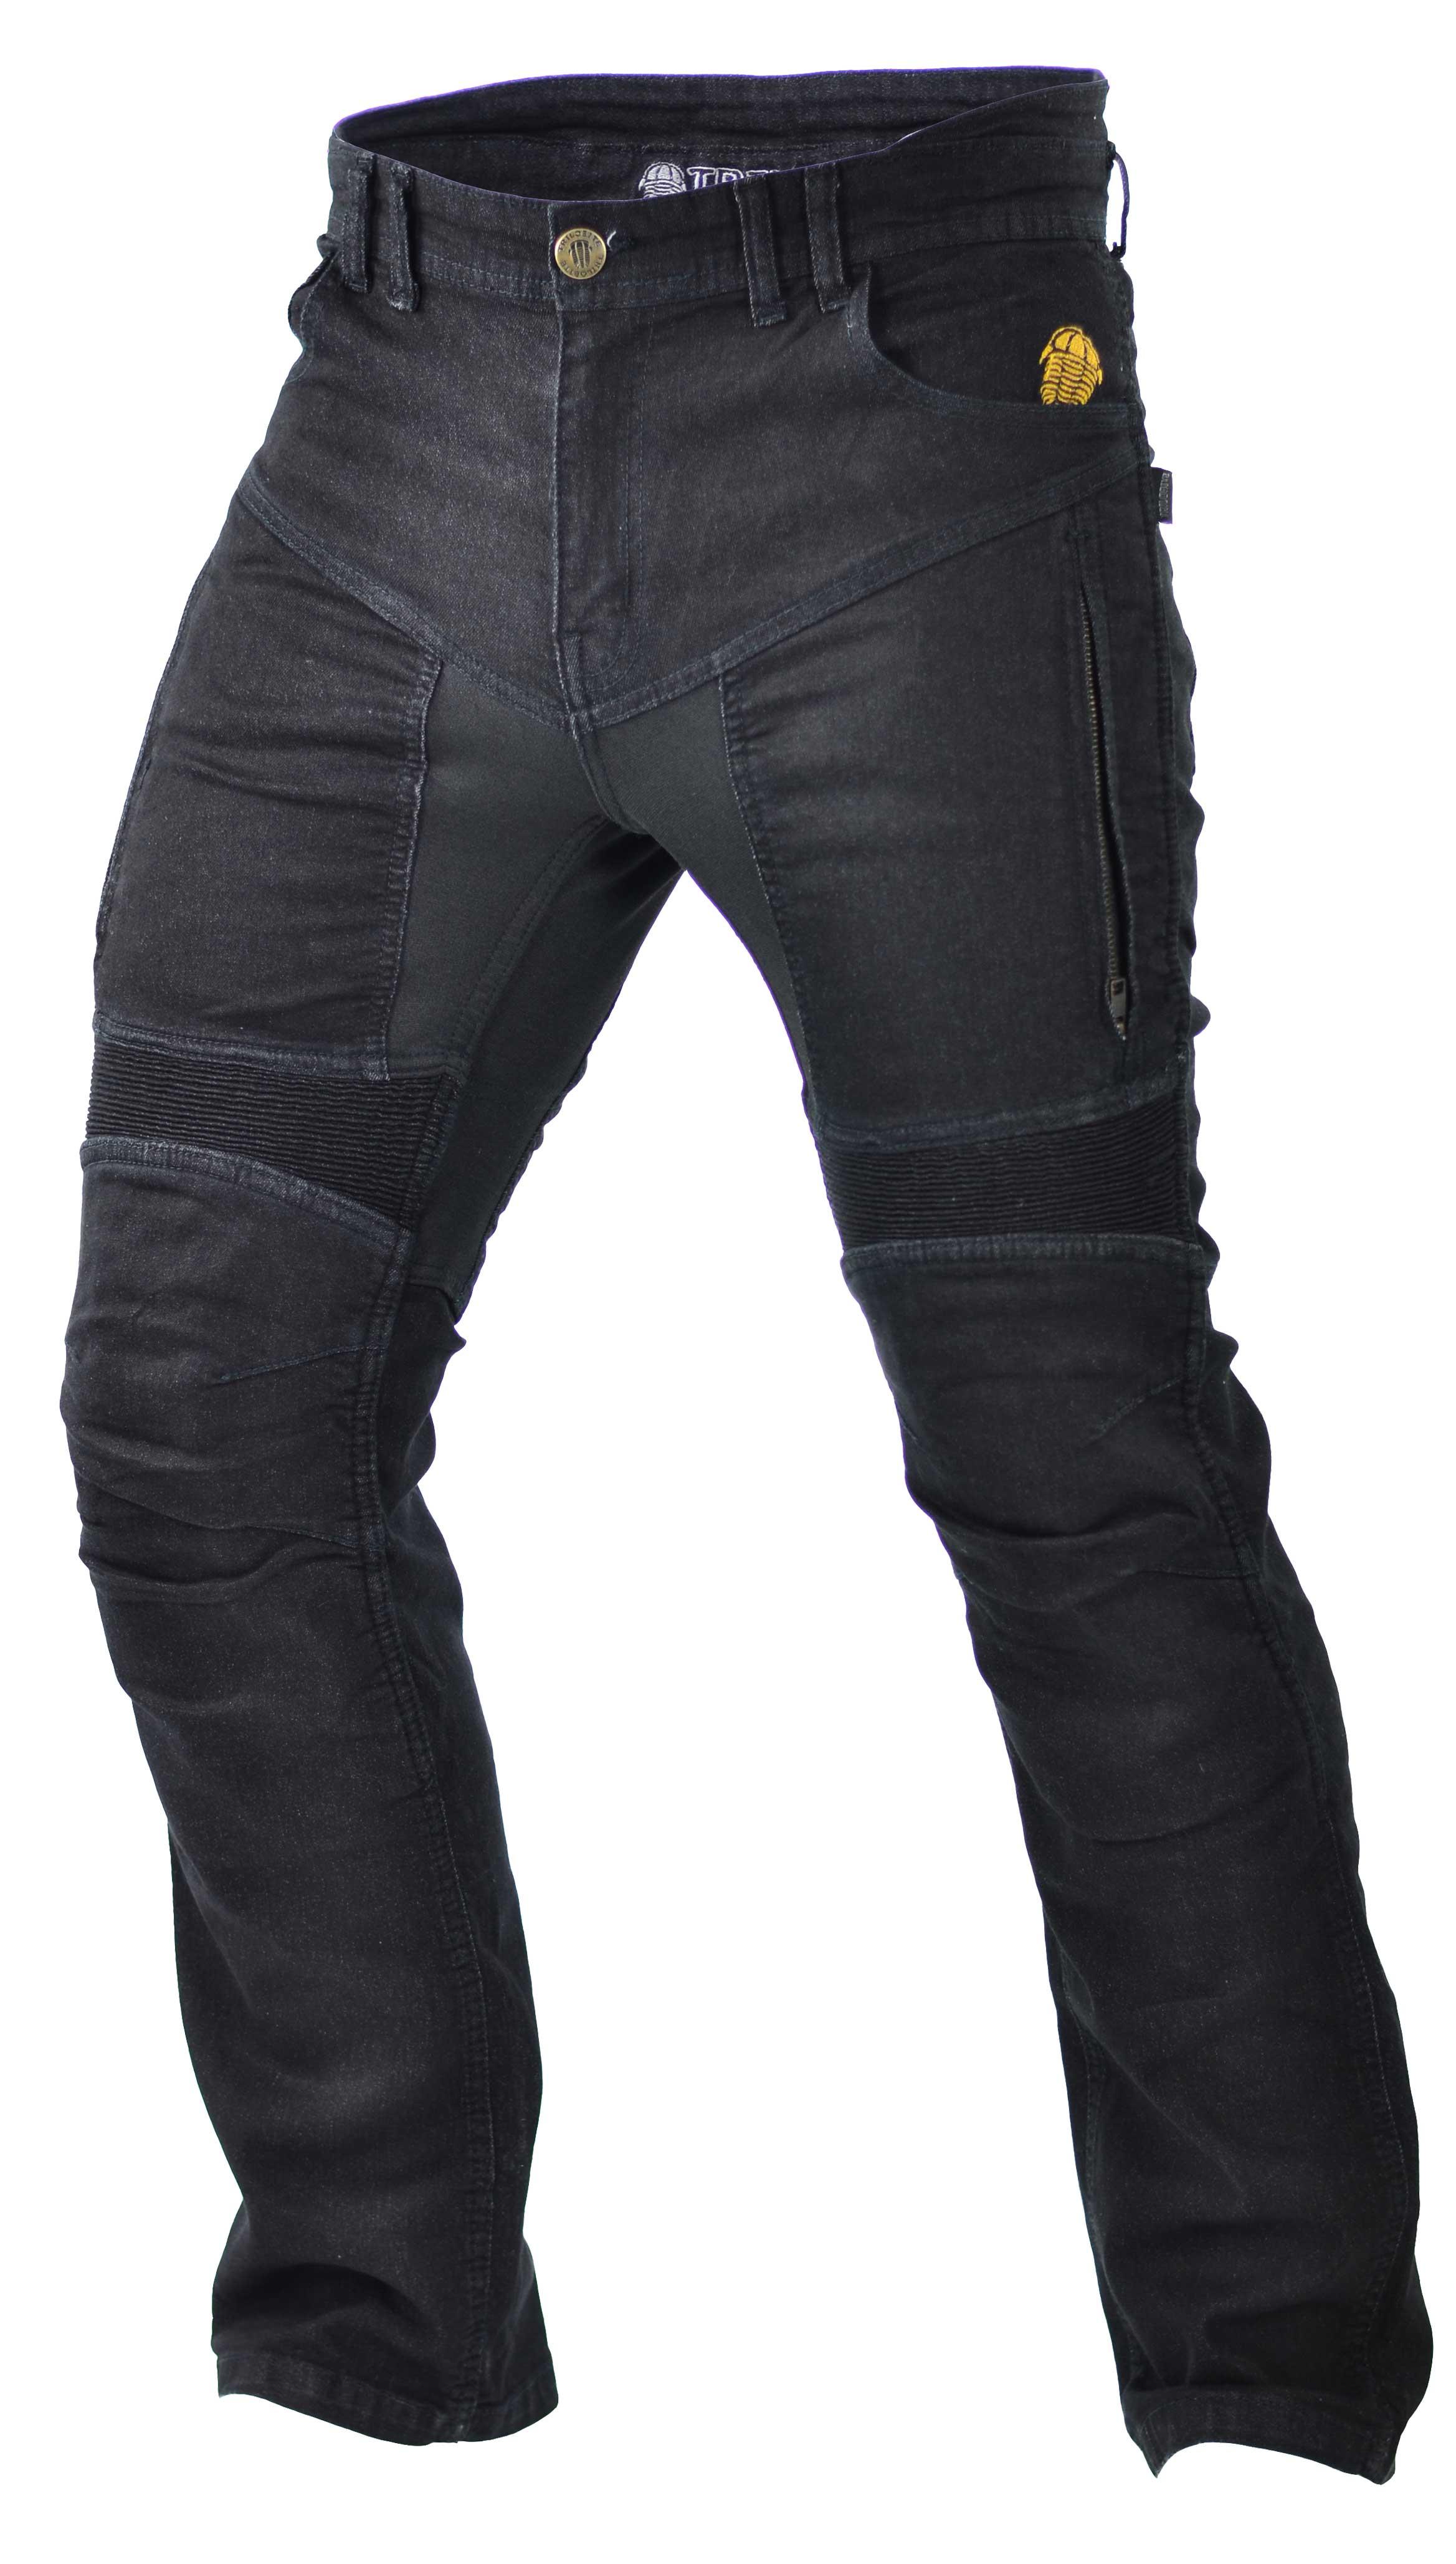 trilobite parado kevlar jeanshose herren schwarz. Black Bedroom Furniture Sets. Home Design Ideas